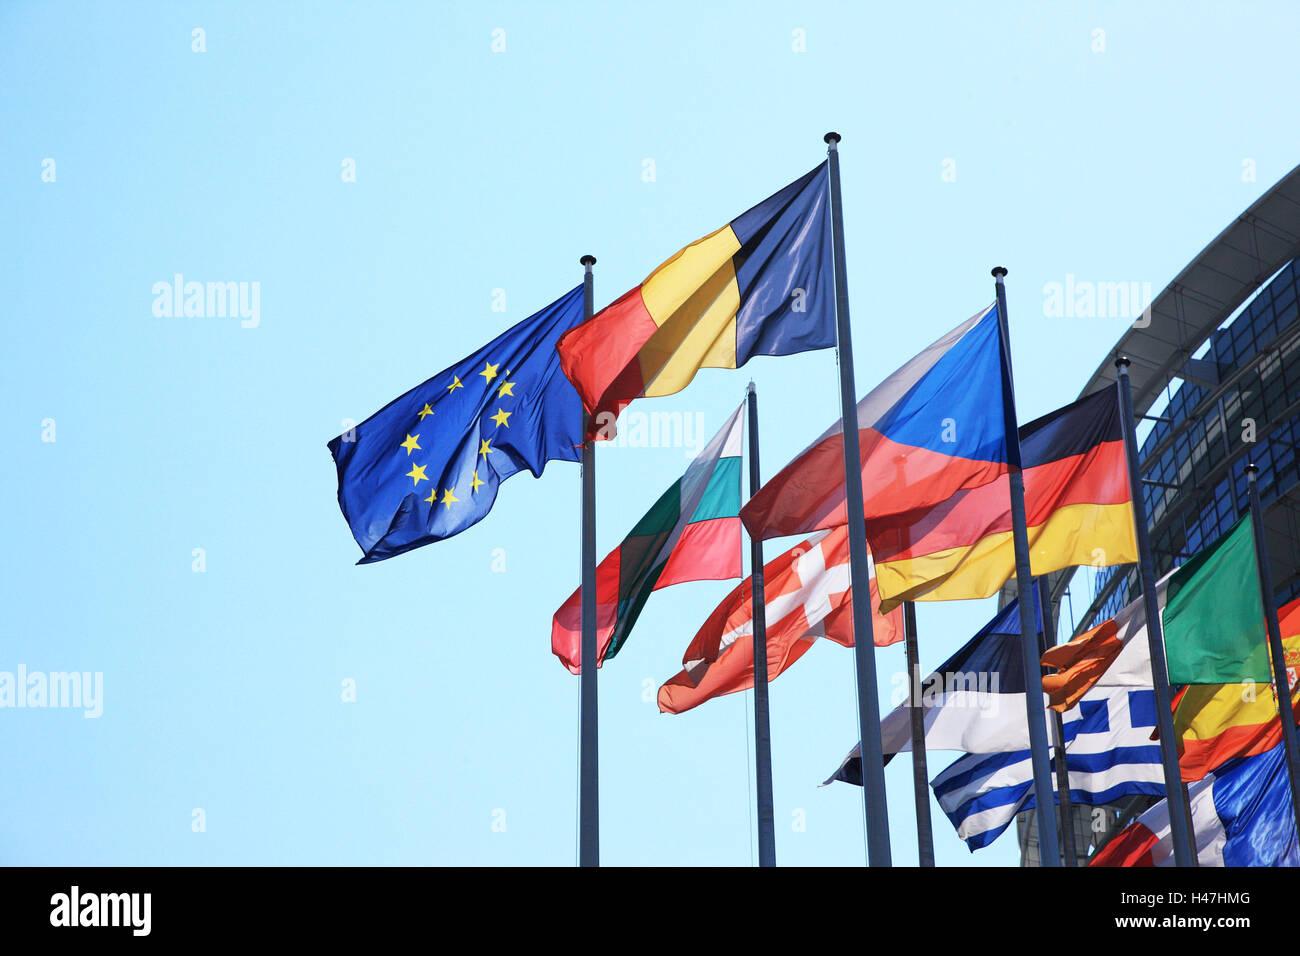 Europa, banderas, Europa, Francia, banderas, golpe, el parlamento, la política, la Alsacia, Estrasburgo, Imagen De Stock